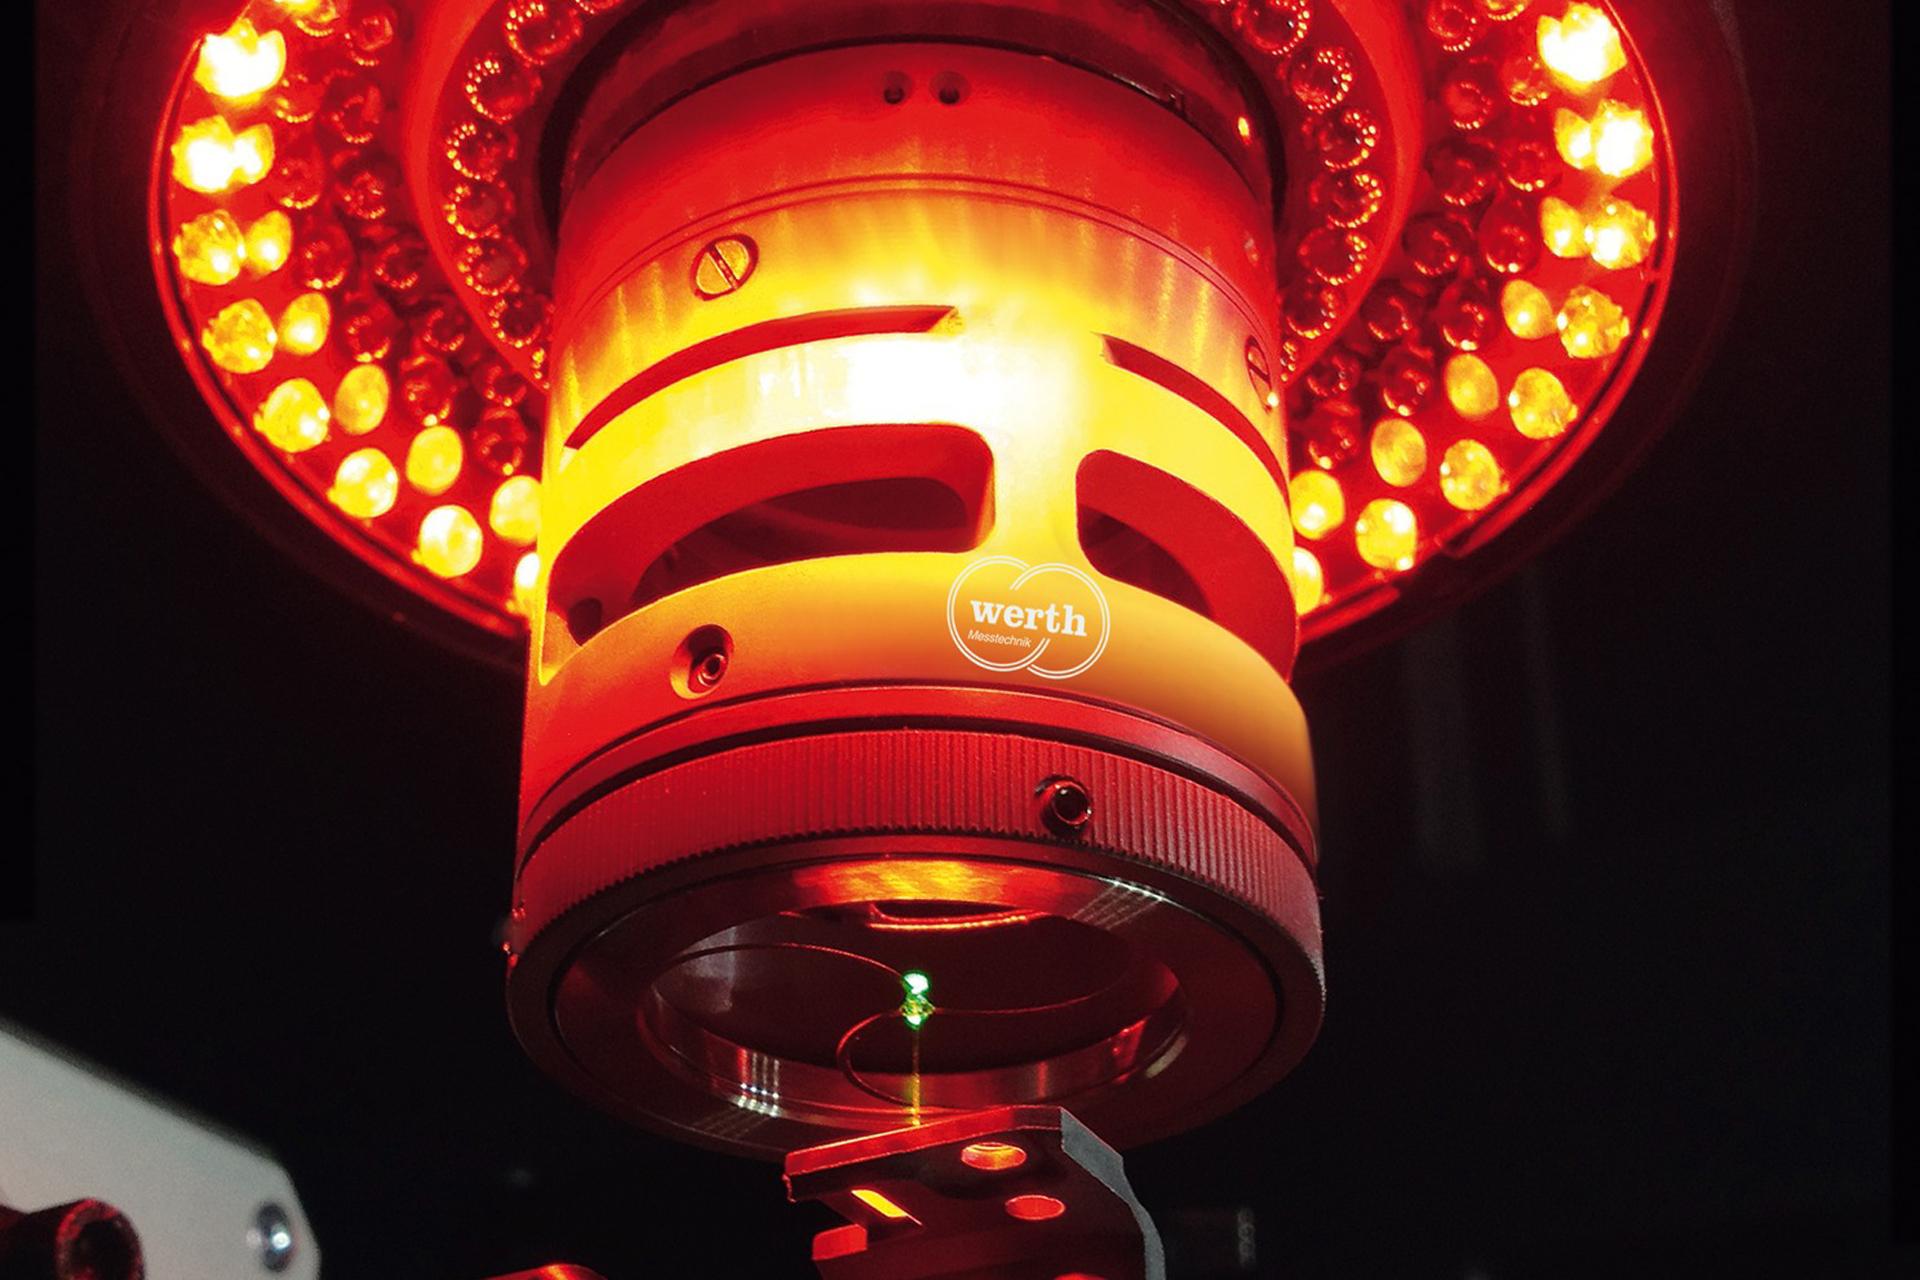 Ein runder Sensormesskopf mit rötlich leuchtenden Lampen.